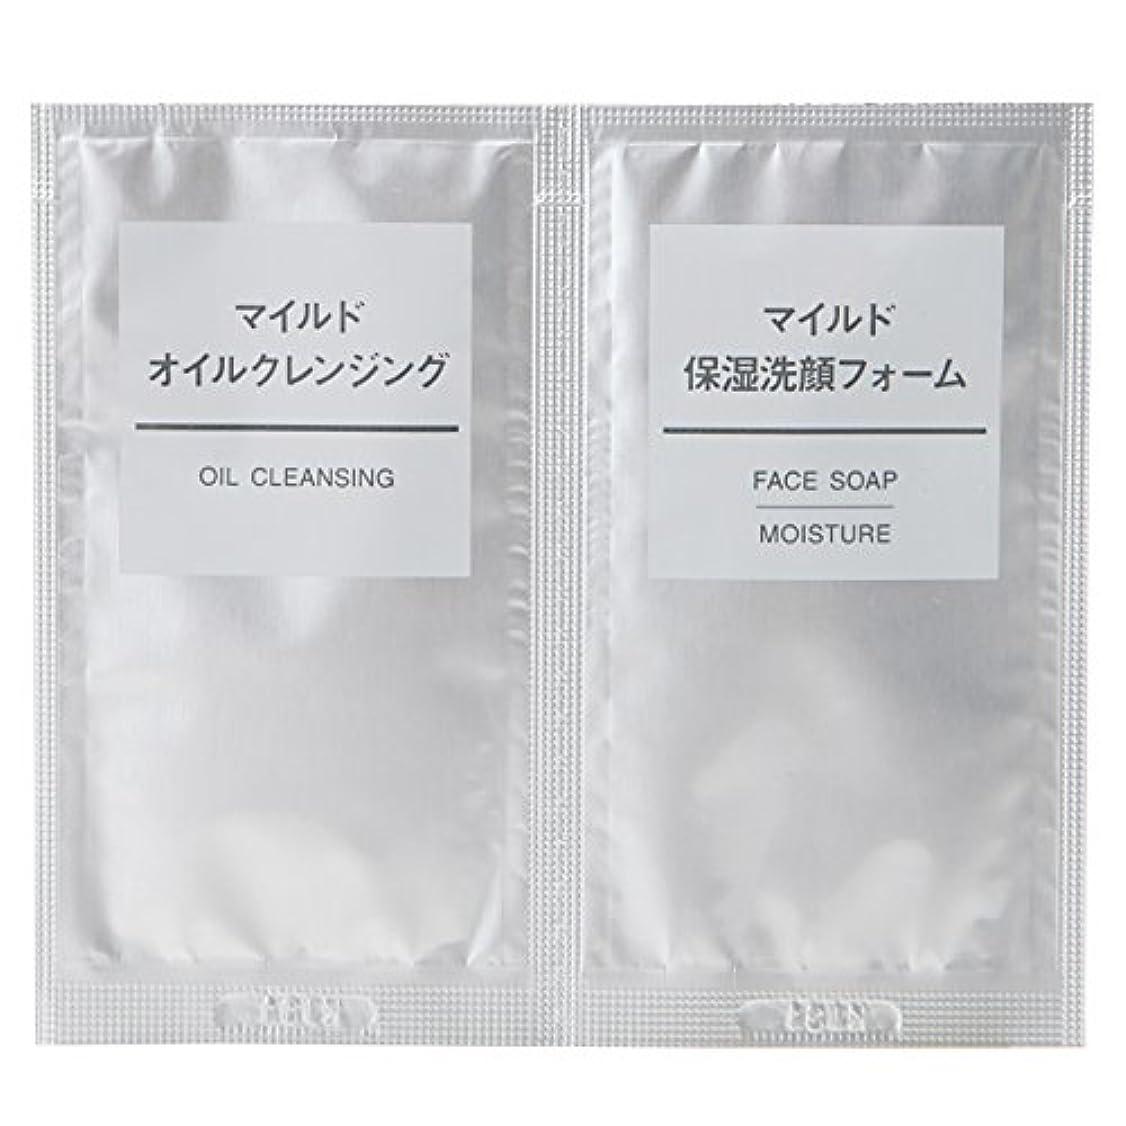 明確にオーストラリア書き出す無印良品 マイルドオイルクレンジング?マイルド保湿洗顔フォームセット 3ml?3g(1回分)